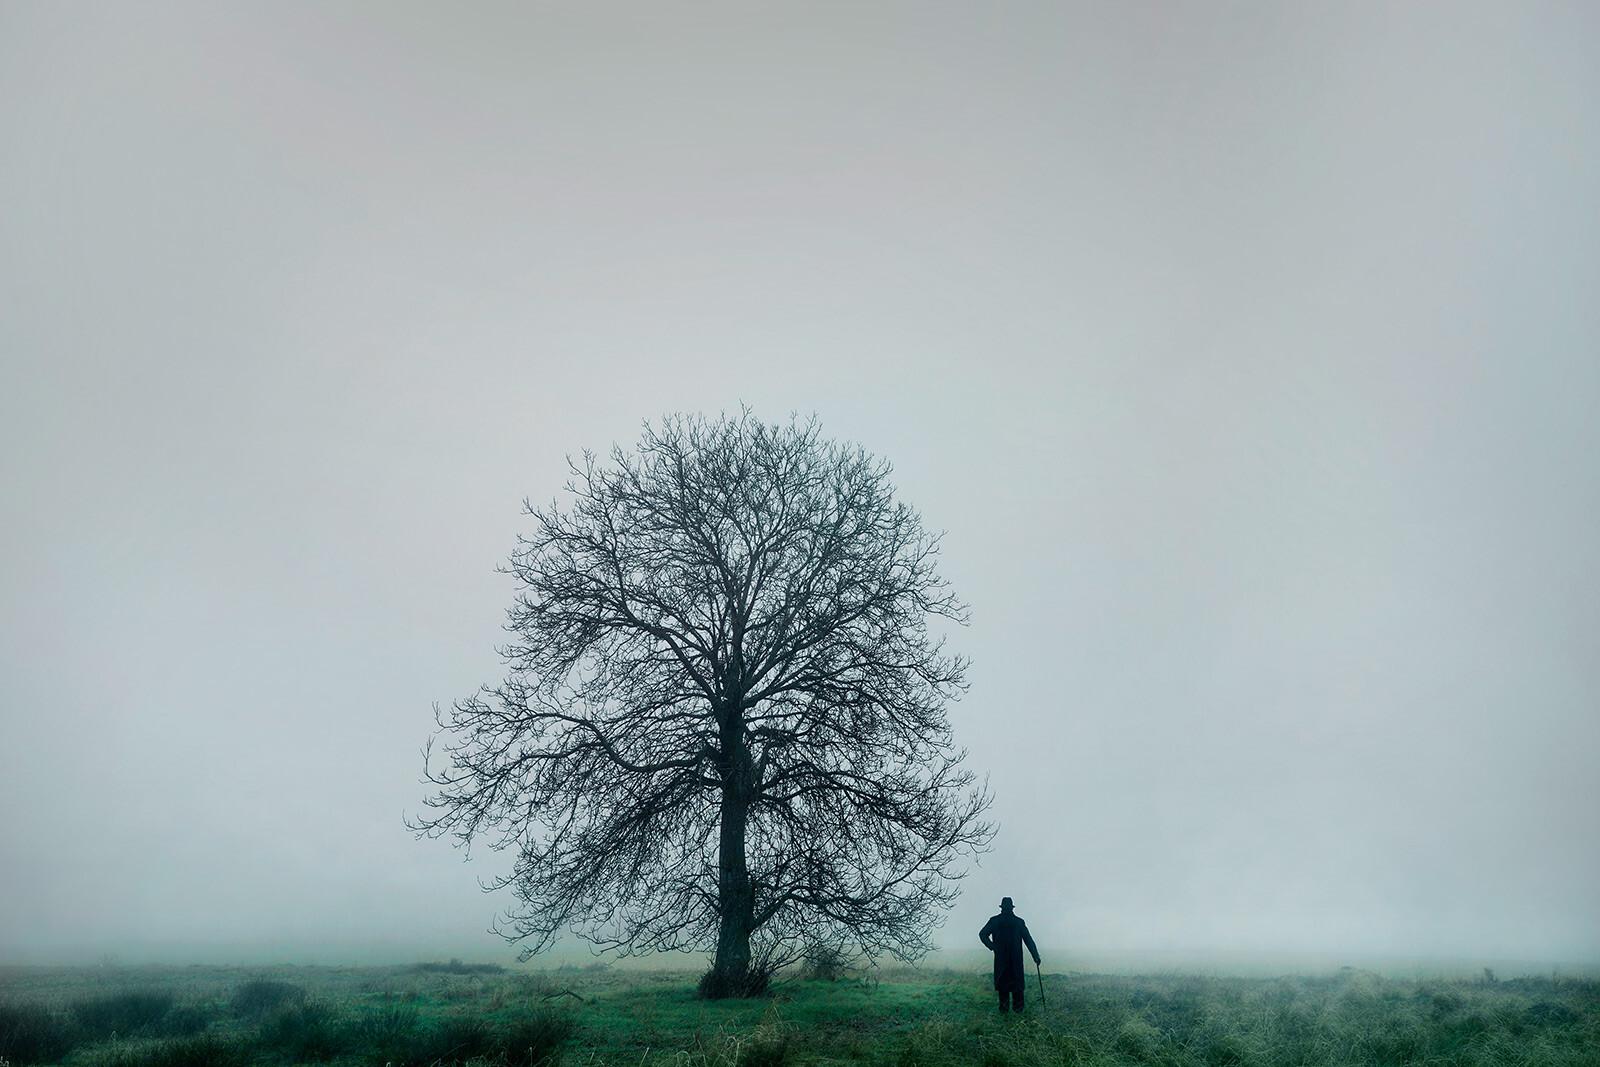 Solitude - Aida Pascual Benito